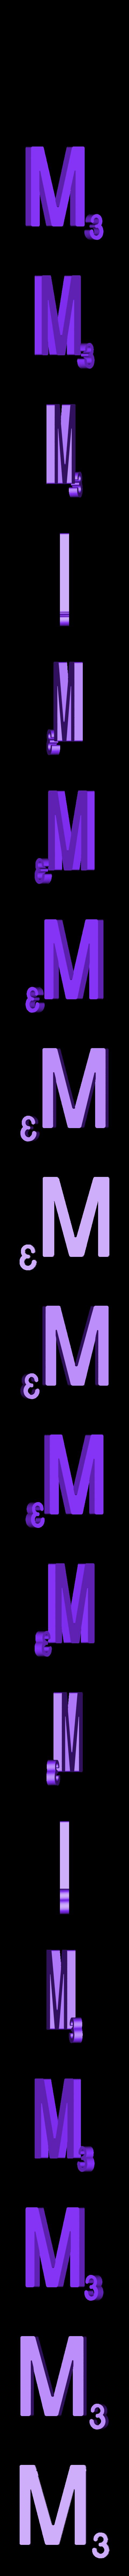 Dual_Letter_M.STL Télécharger fichier STL gratuit Pièces et support SCRABBBLE • Design pour imprimante 3D, Balkhagal4D